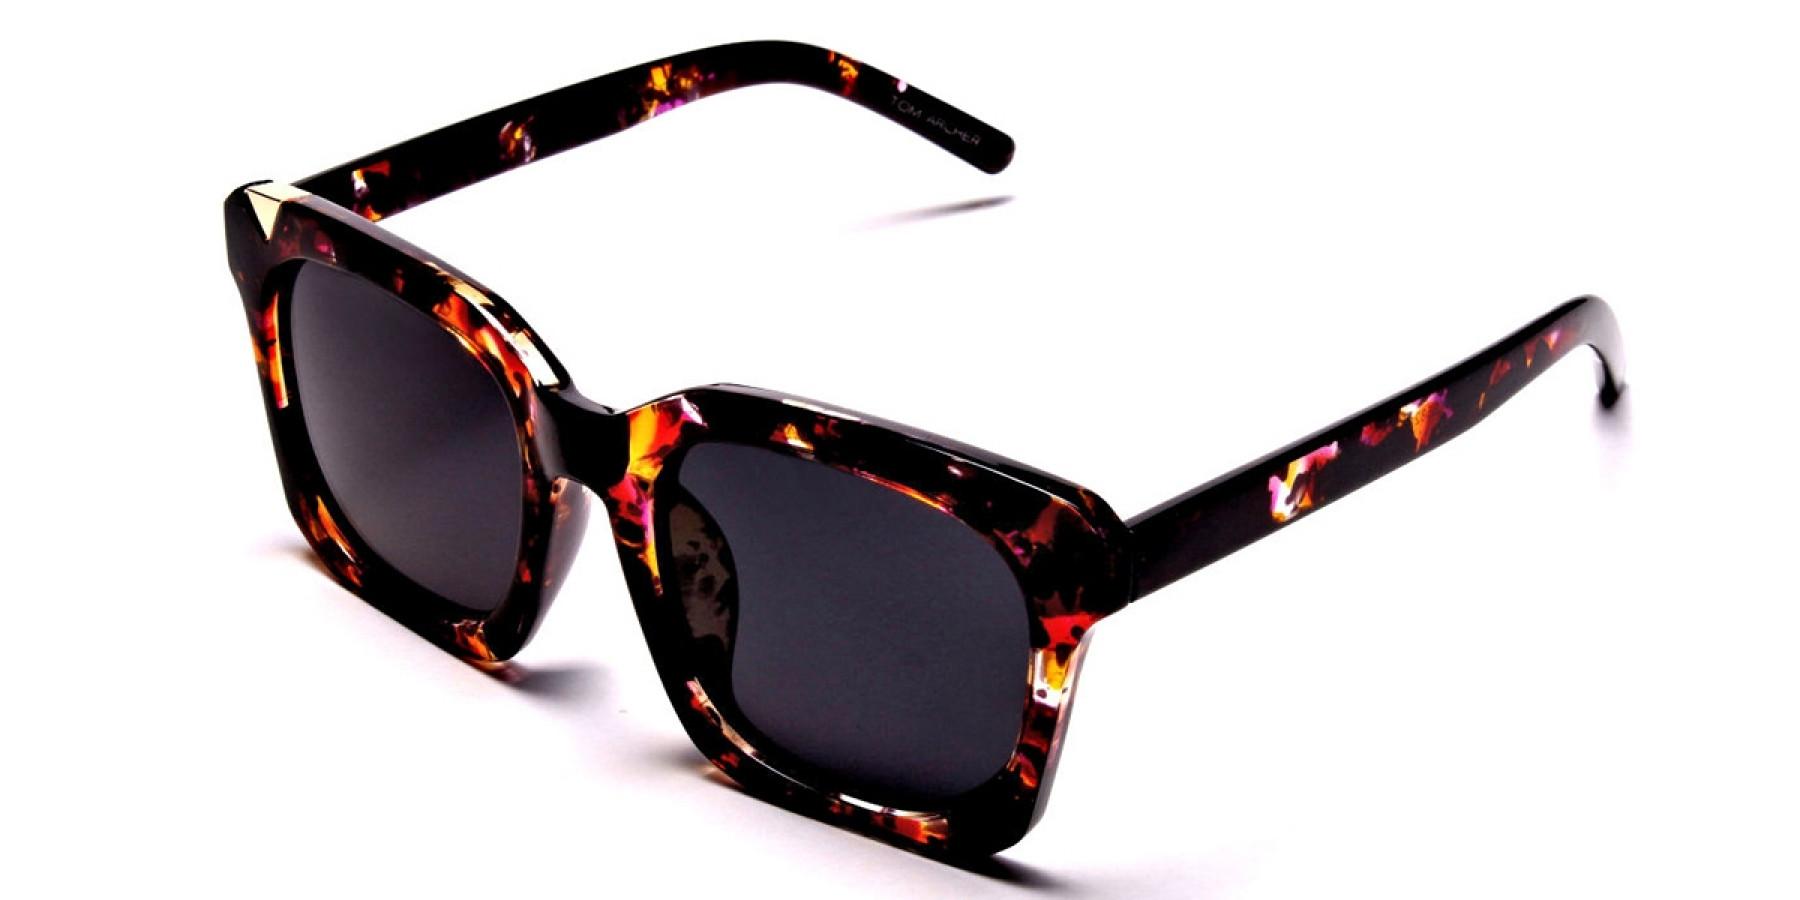 Tortoiseshell Unique Sunglasses -2